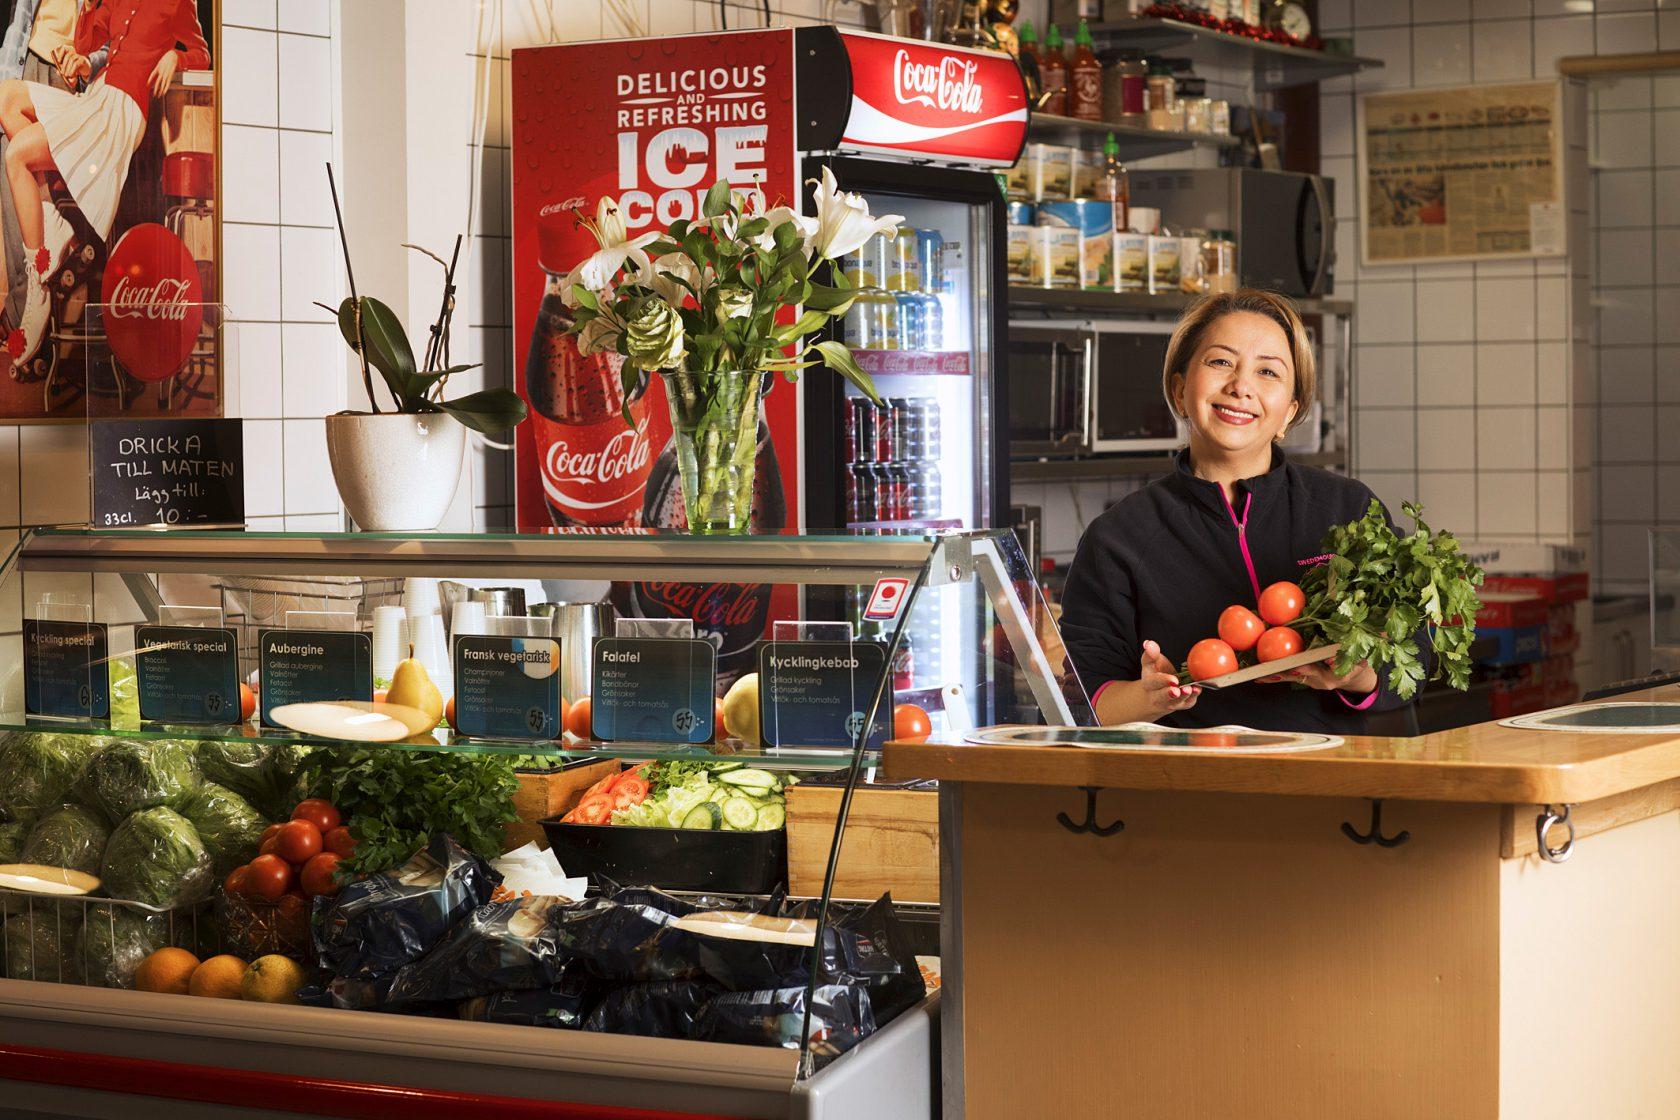 En kvinna i personalen står bakom en disk och håller upp ett knippe grönsaker.